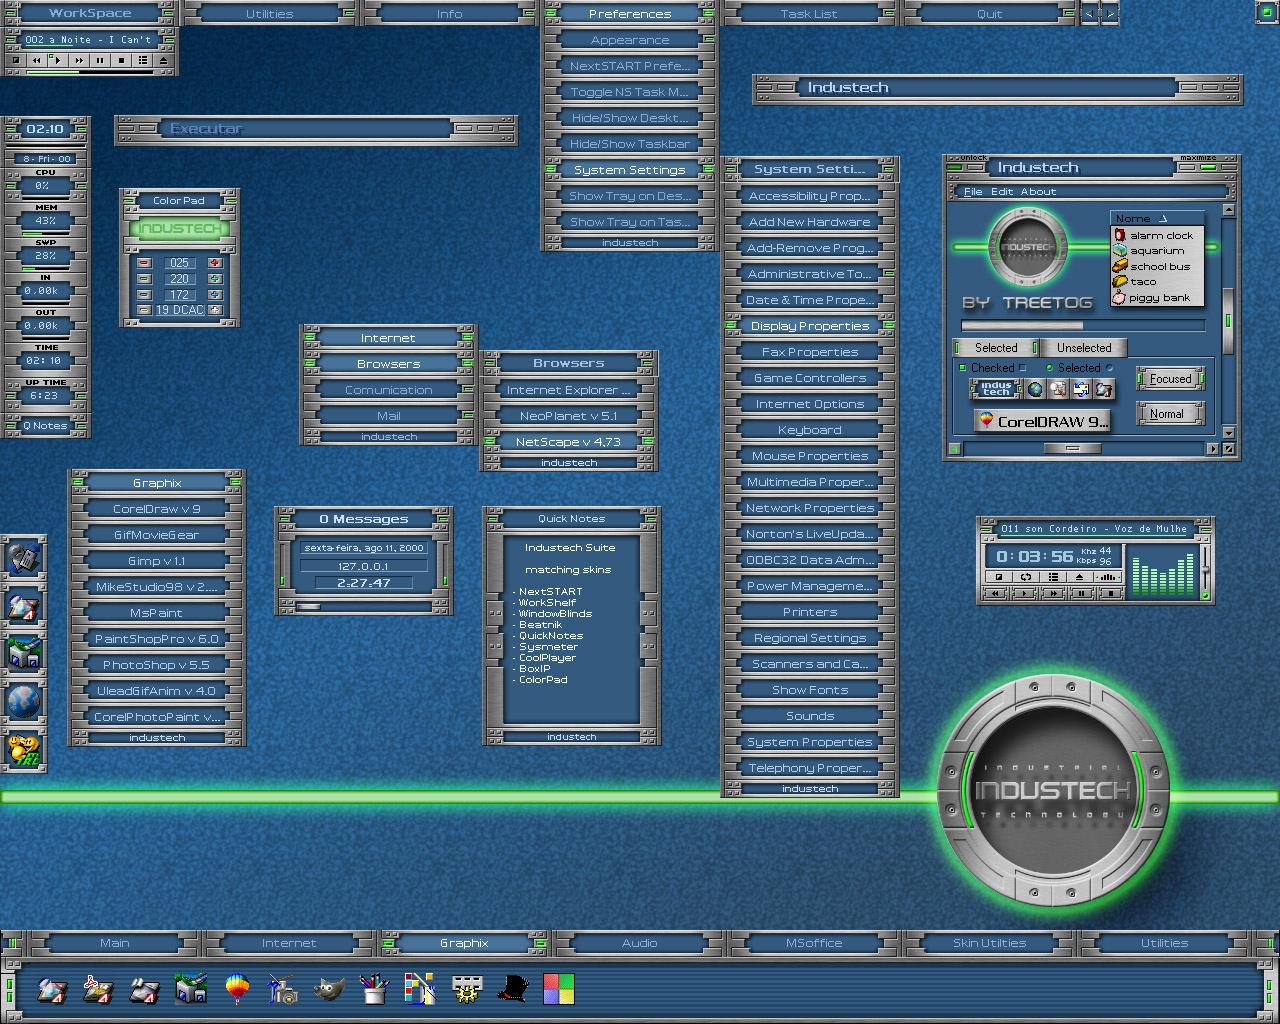 デスクトップ 壁紙 - Desktop WALLPAPER